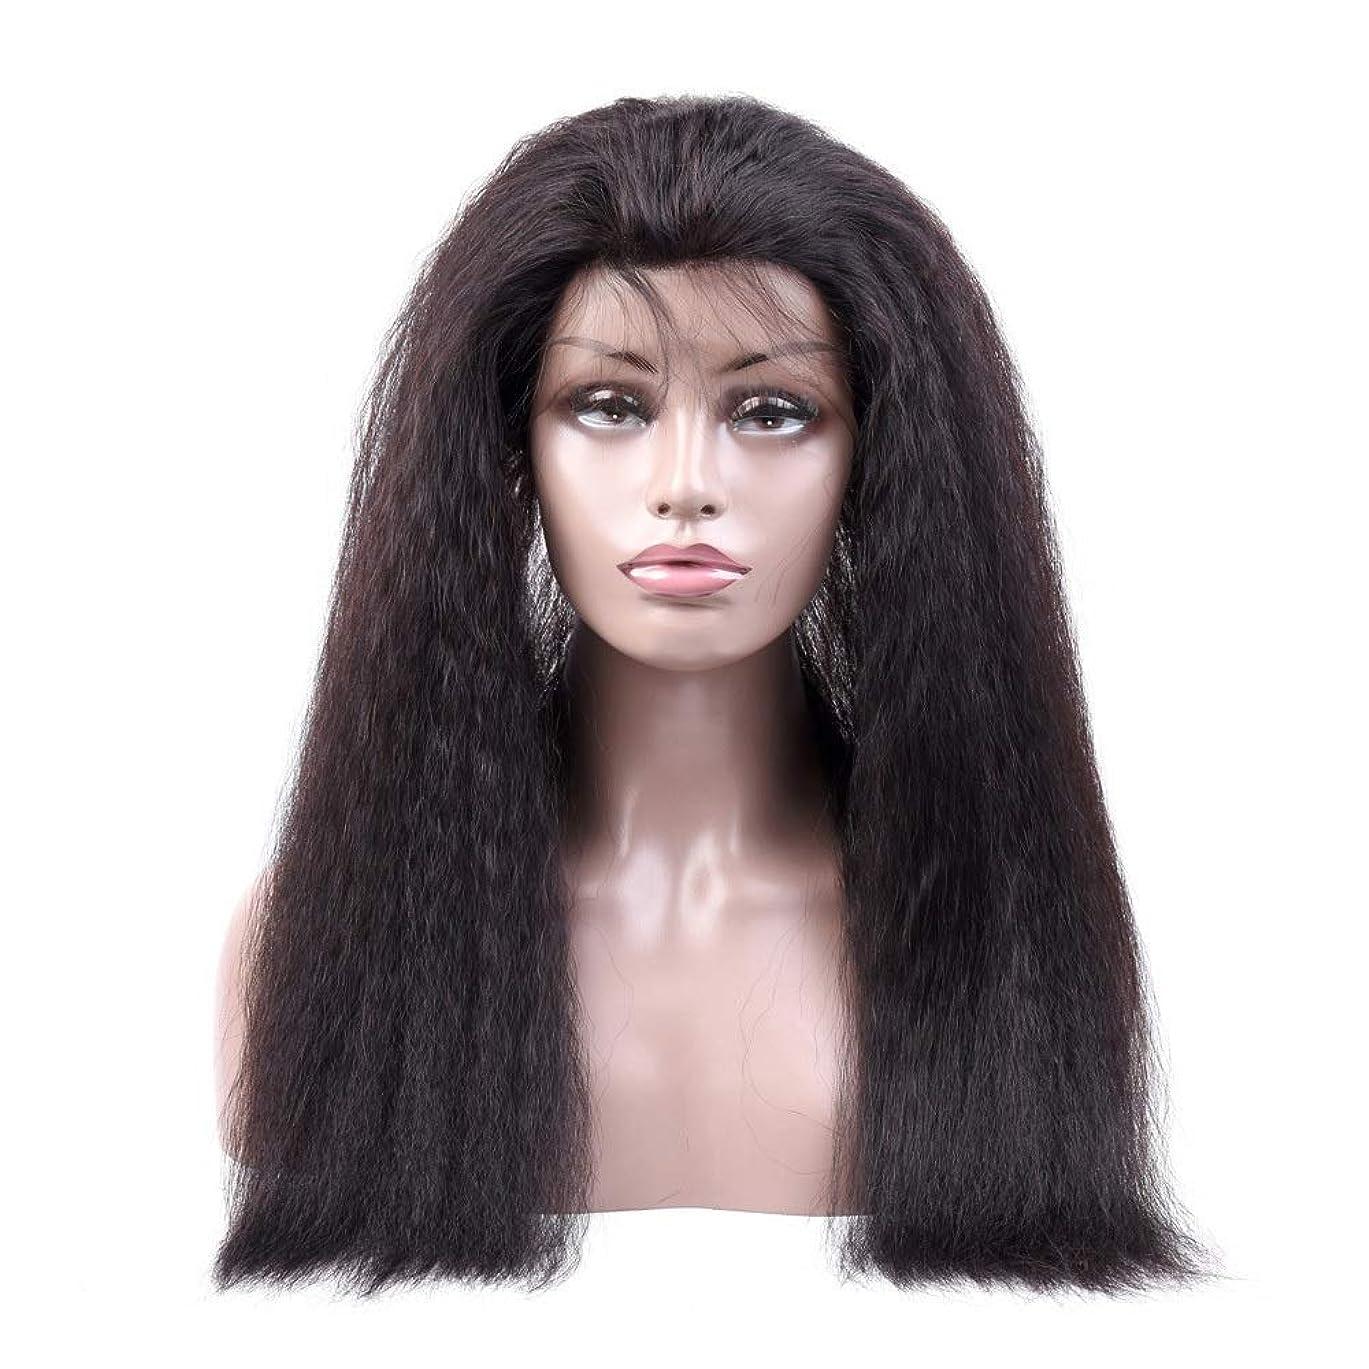 発音する十一音声JULYTER 変態ストレート人間の髪の毛のかつら360レース前頭かつら#1B生物着色 (色 : 黒, サイズ : 12 inch)